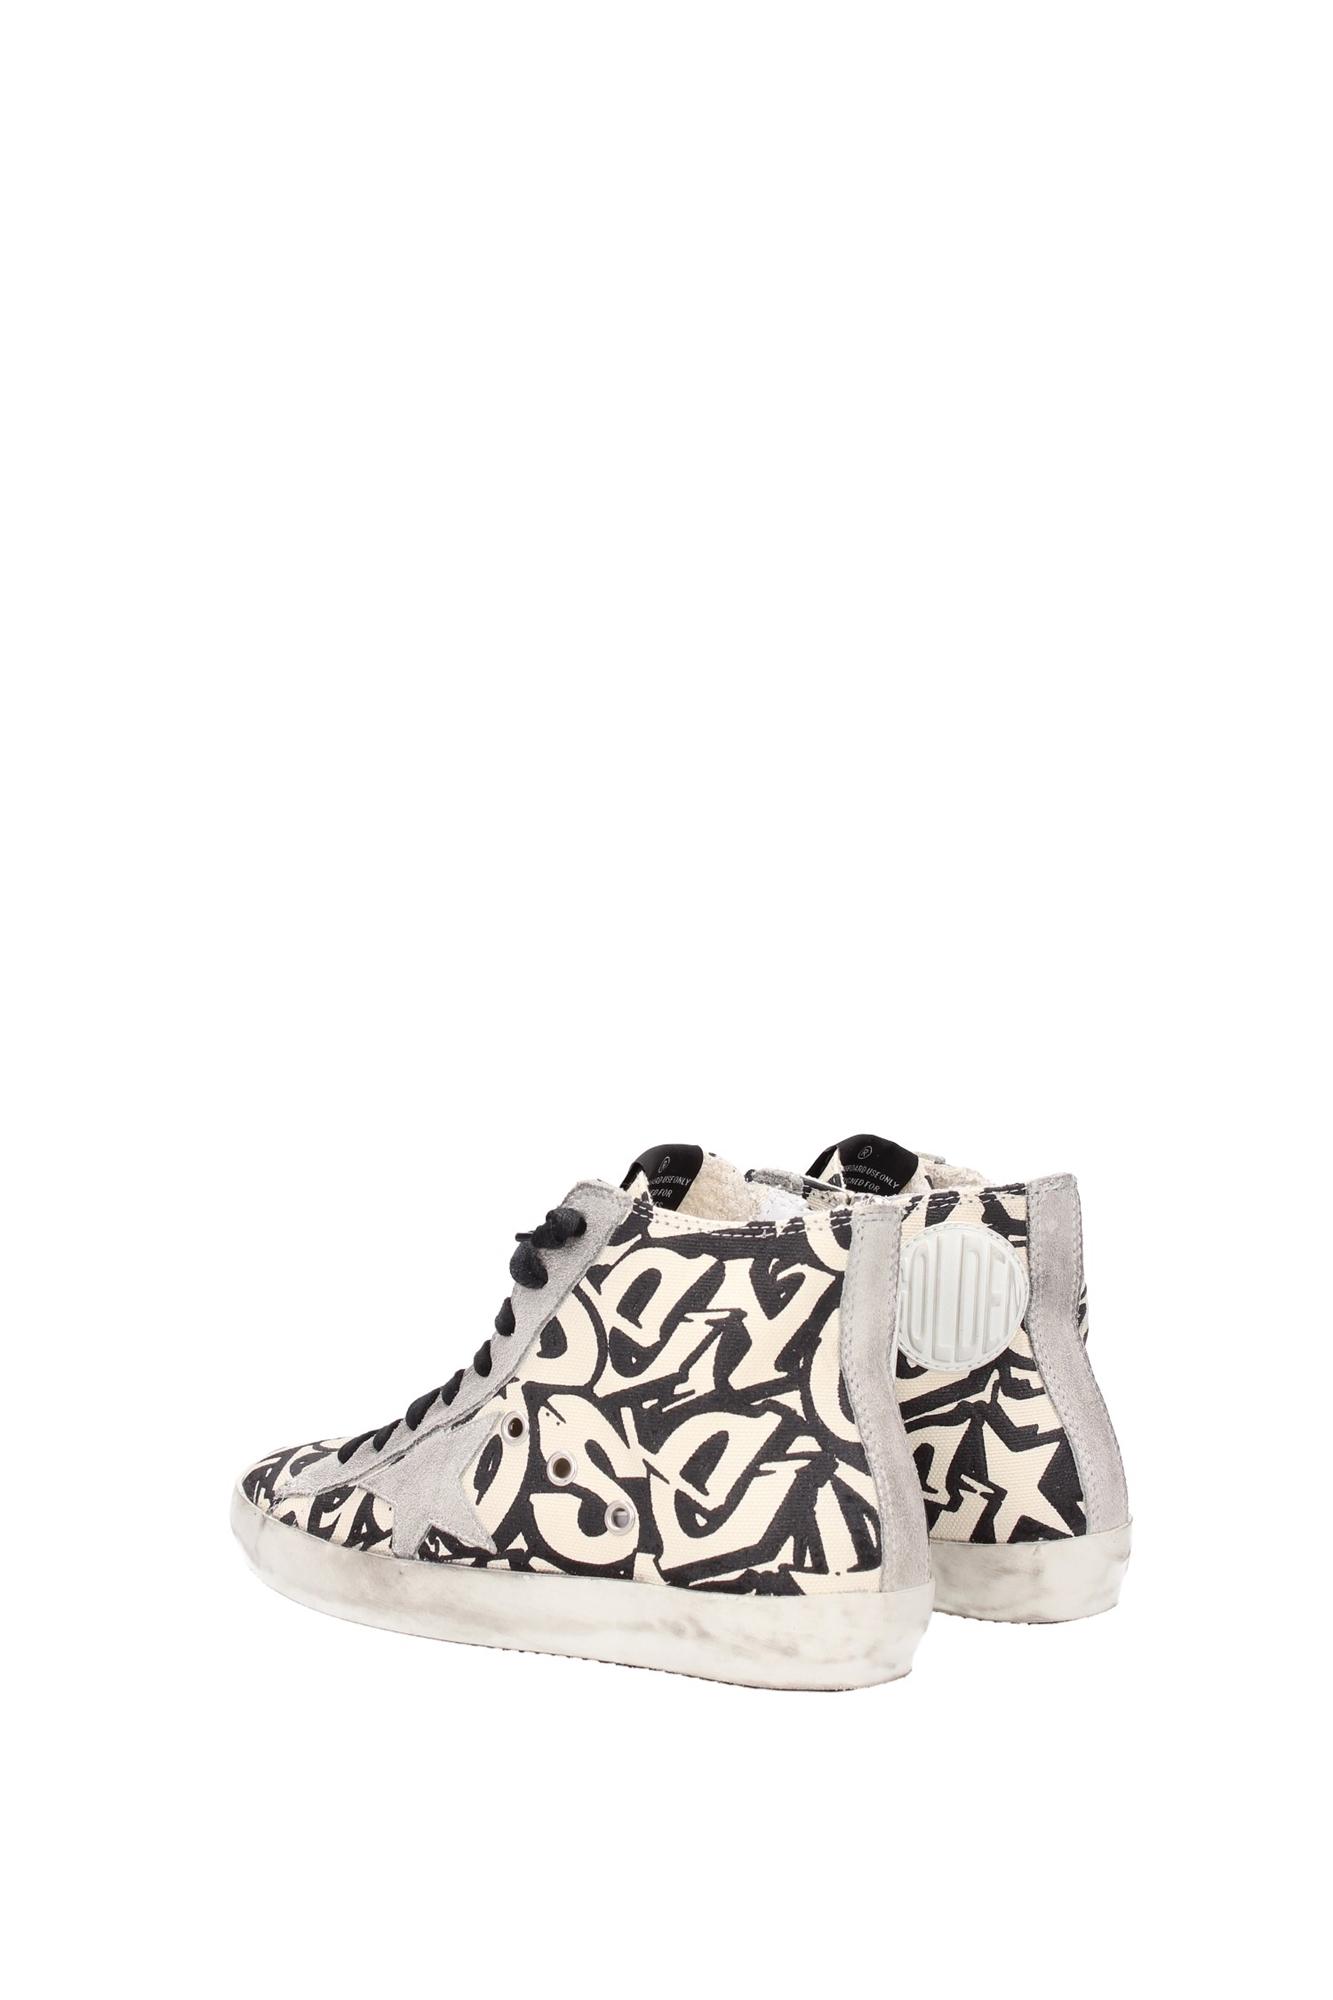 supra femme - Golden Goose G26D120T1 | Sneakers | Women Shoes | B-EXIT | Scarpe ...